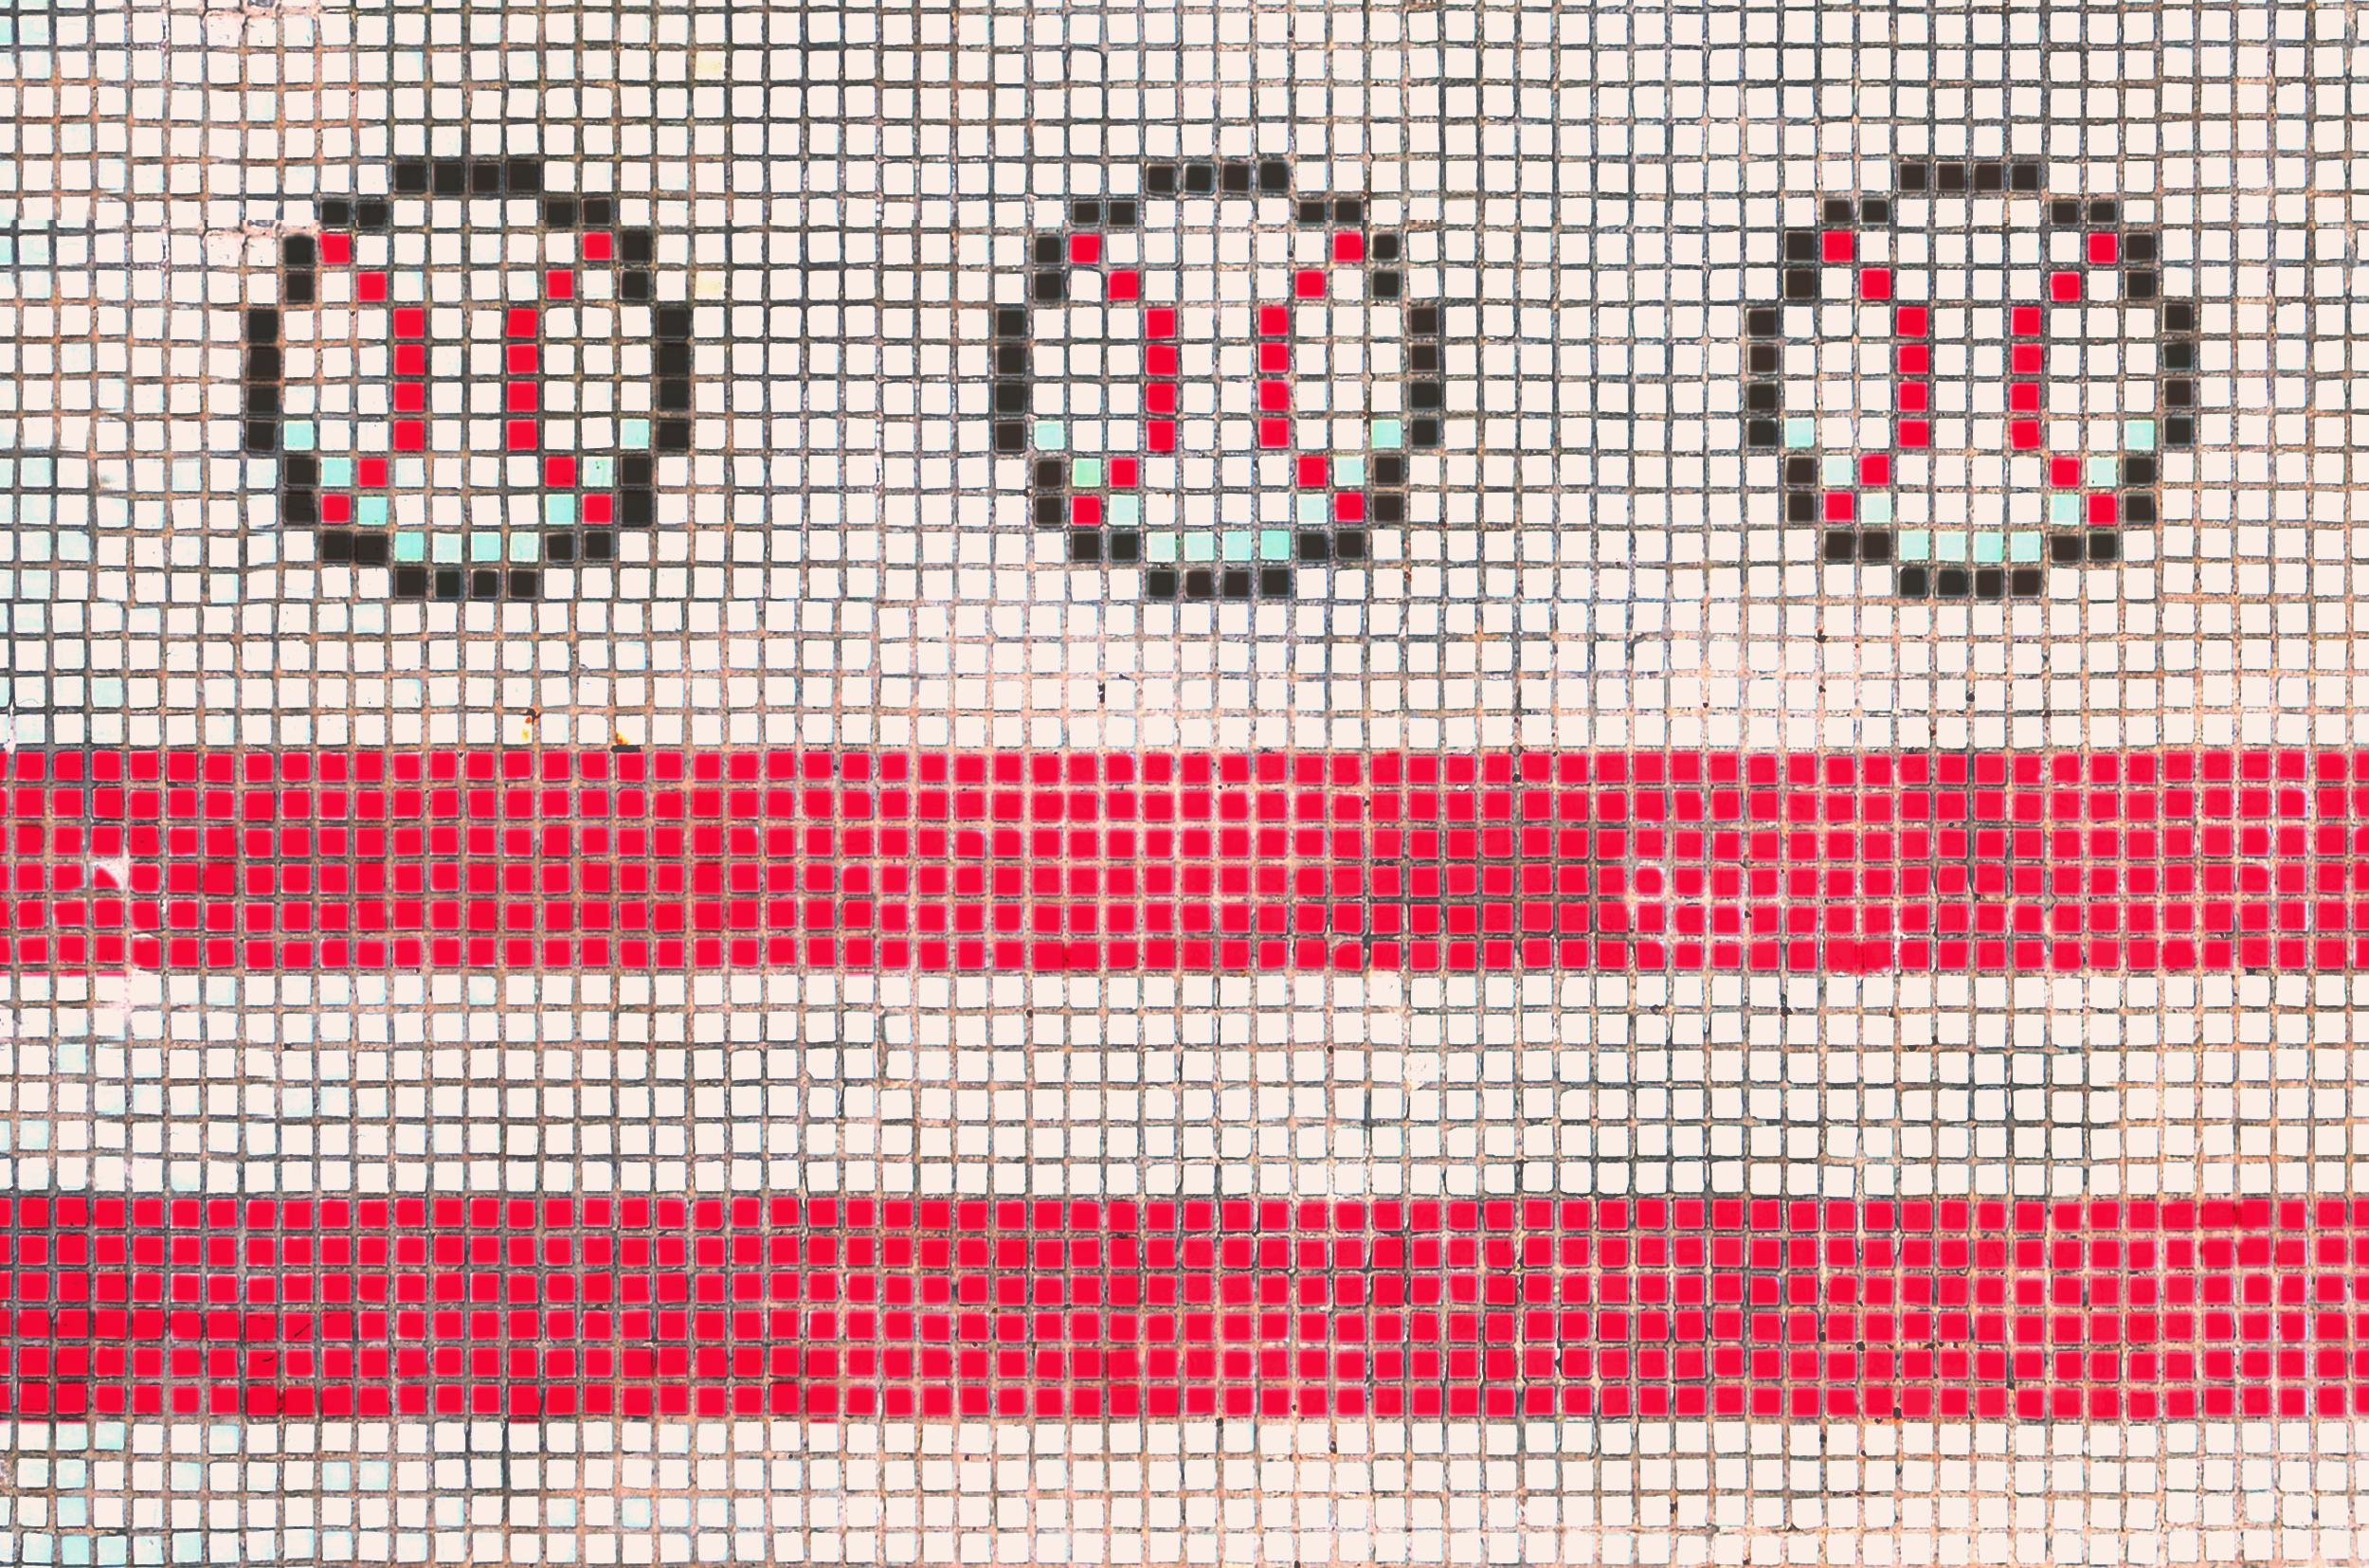 carpe-mosaic-17.png